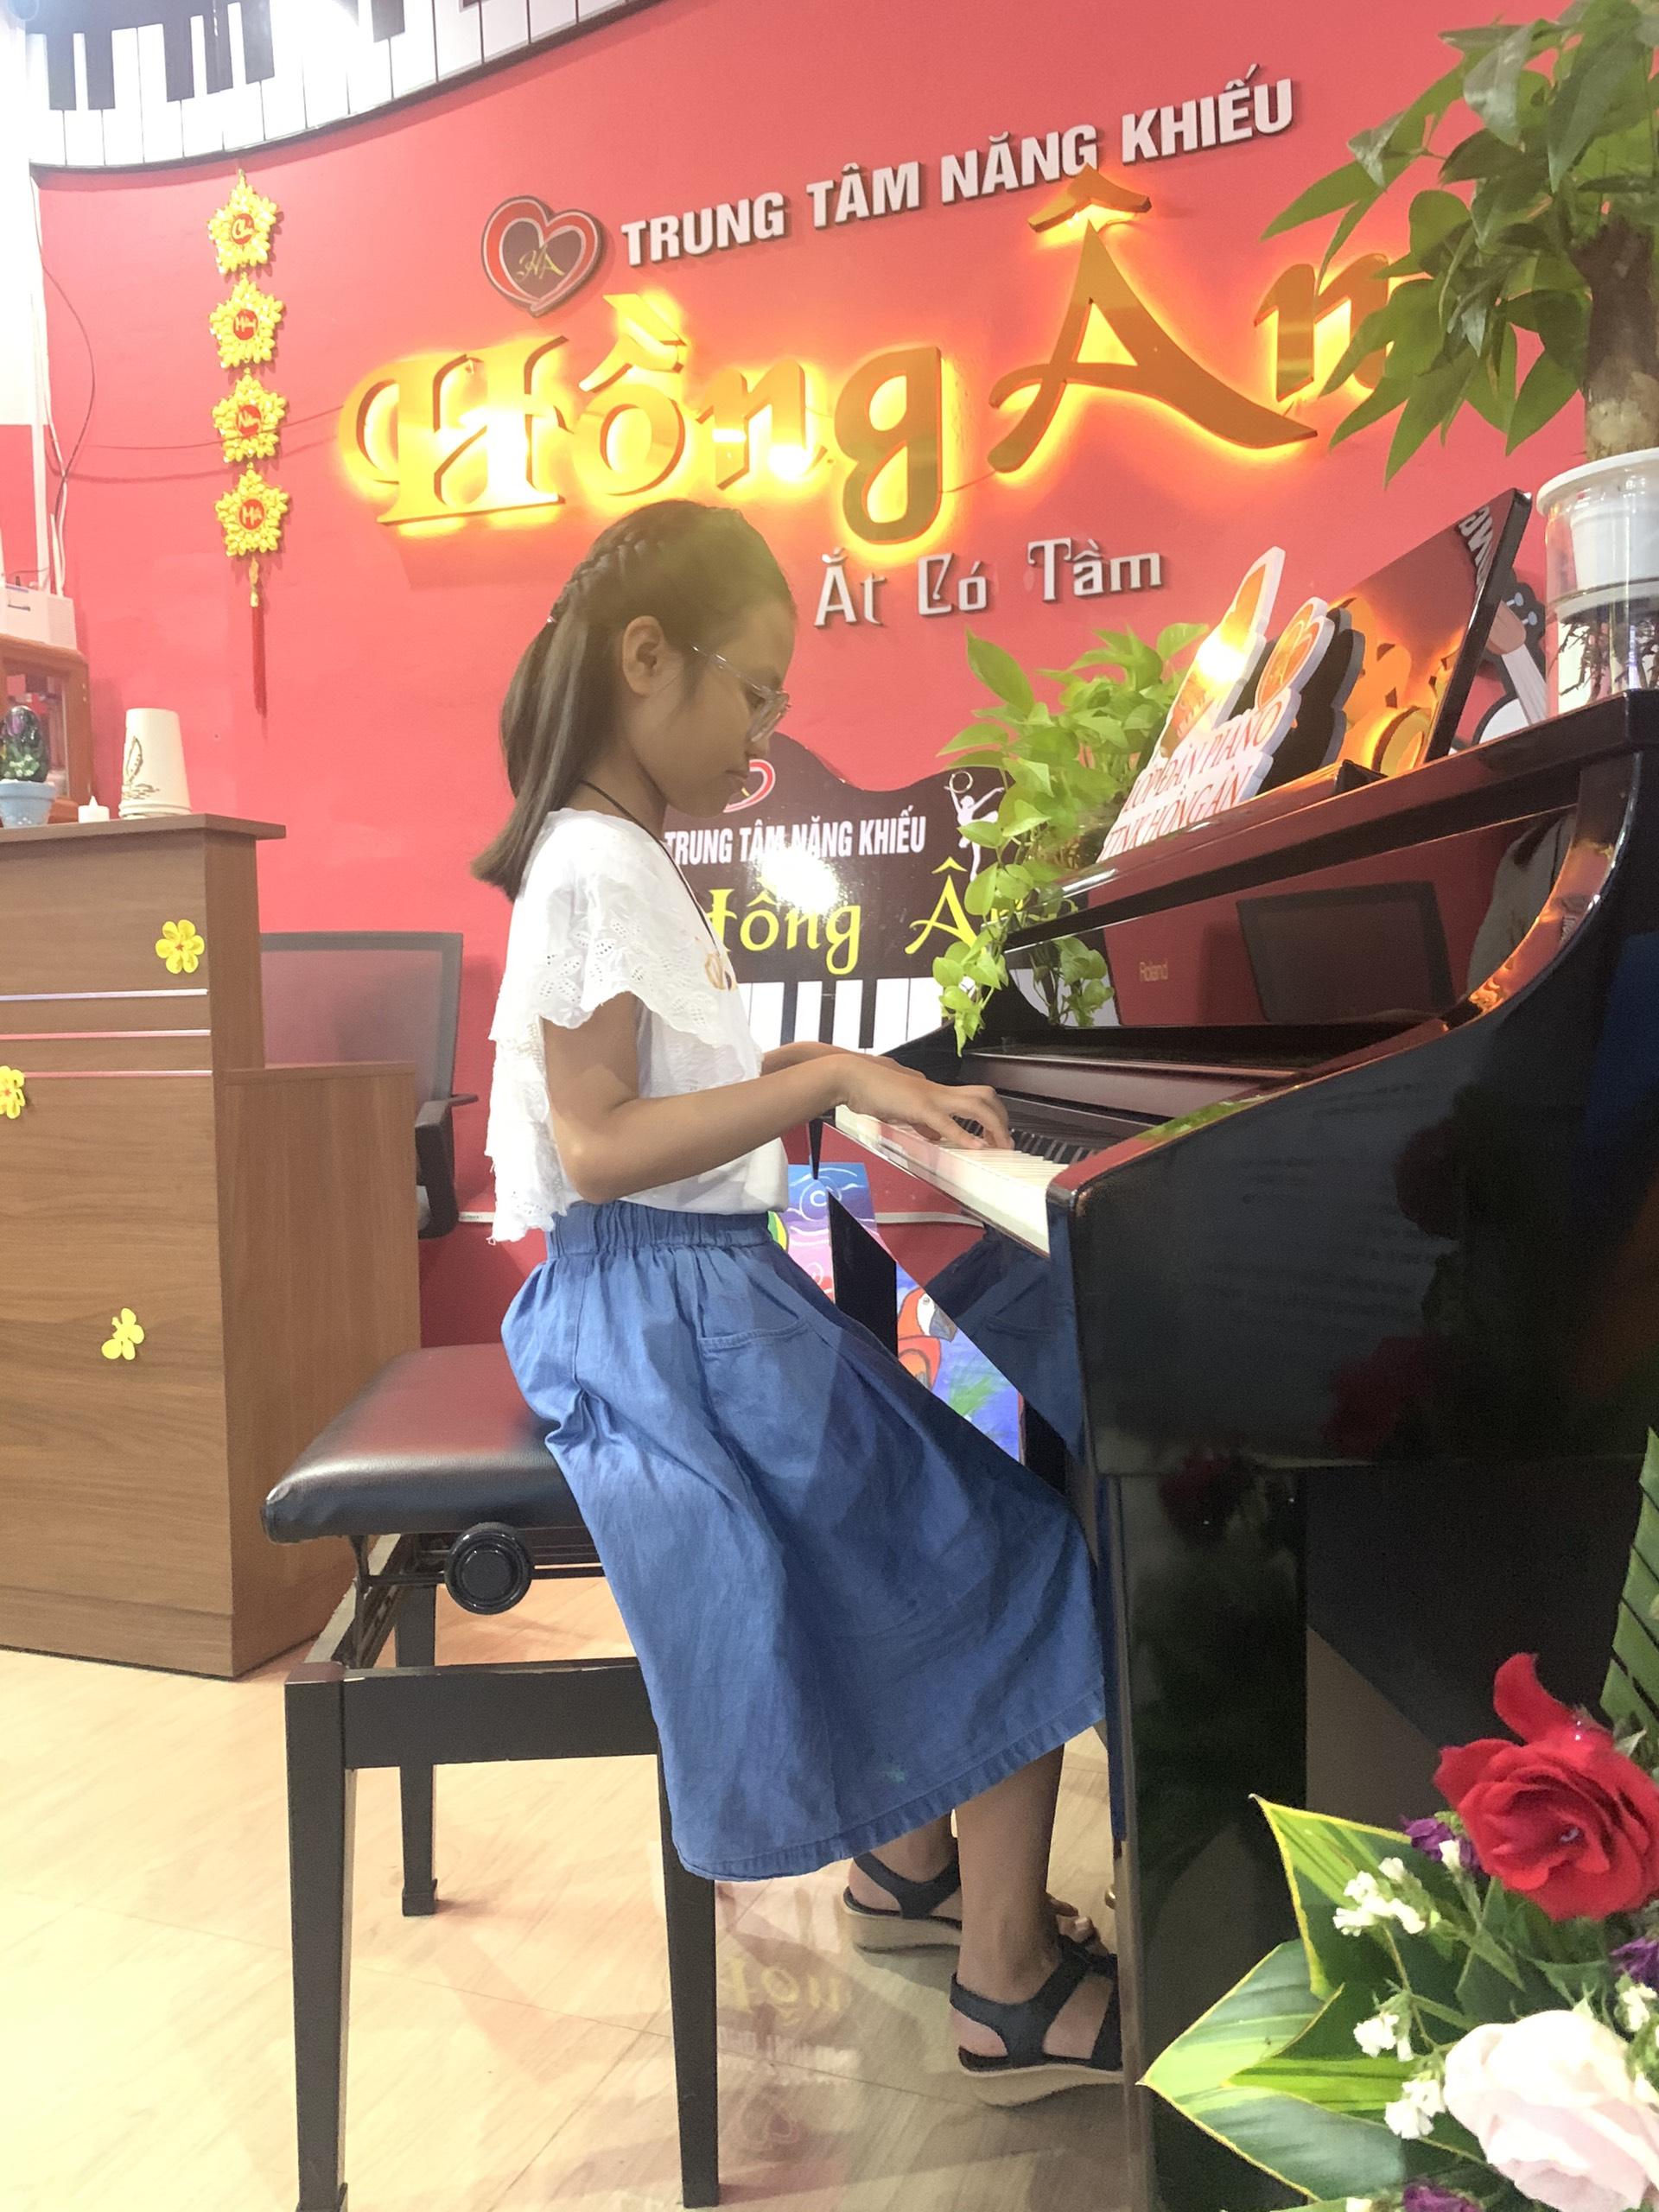 PIANO DÀNH CHO NGƯỜI LỚN